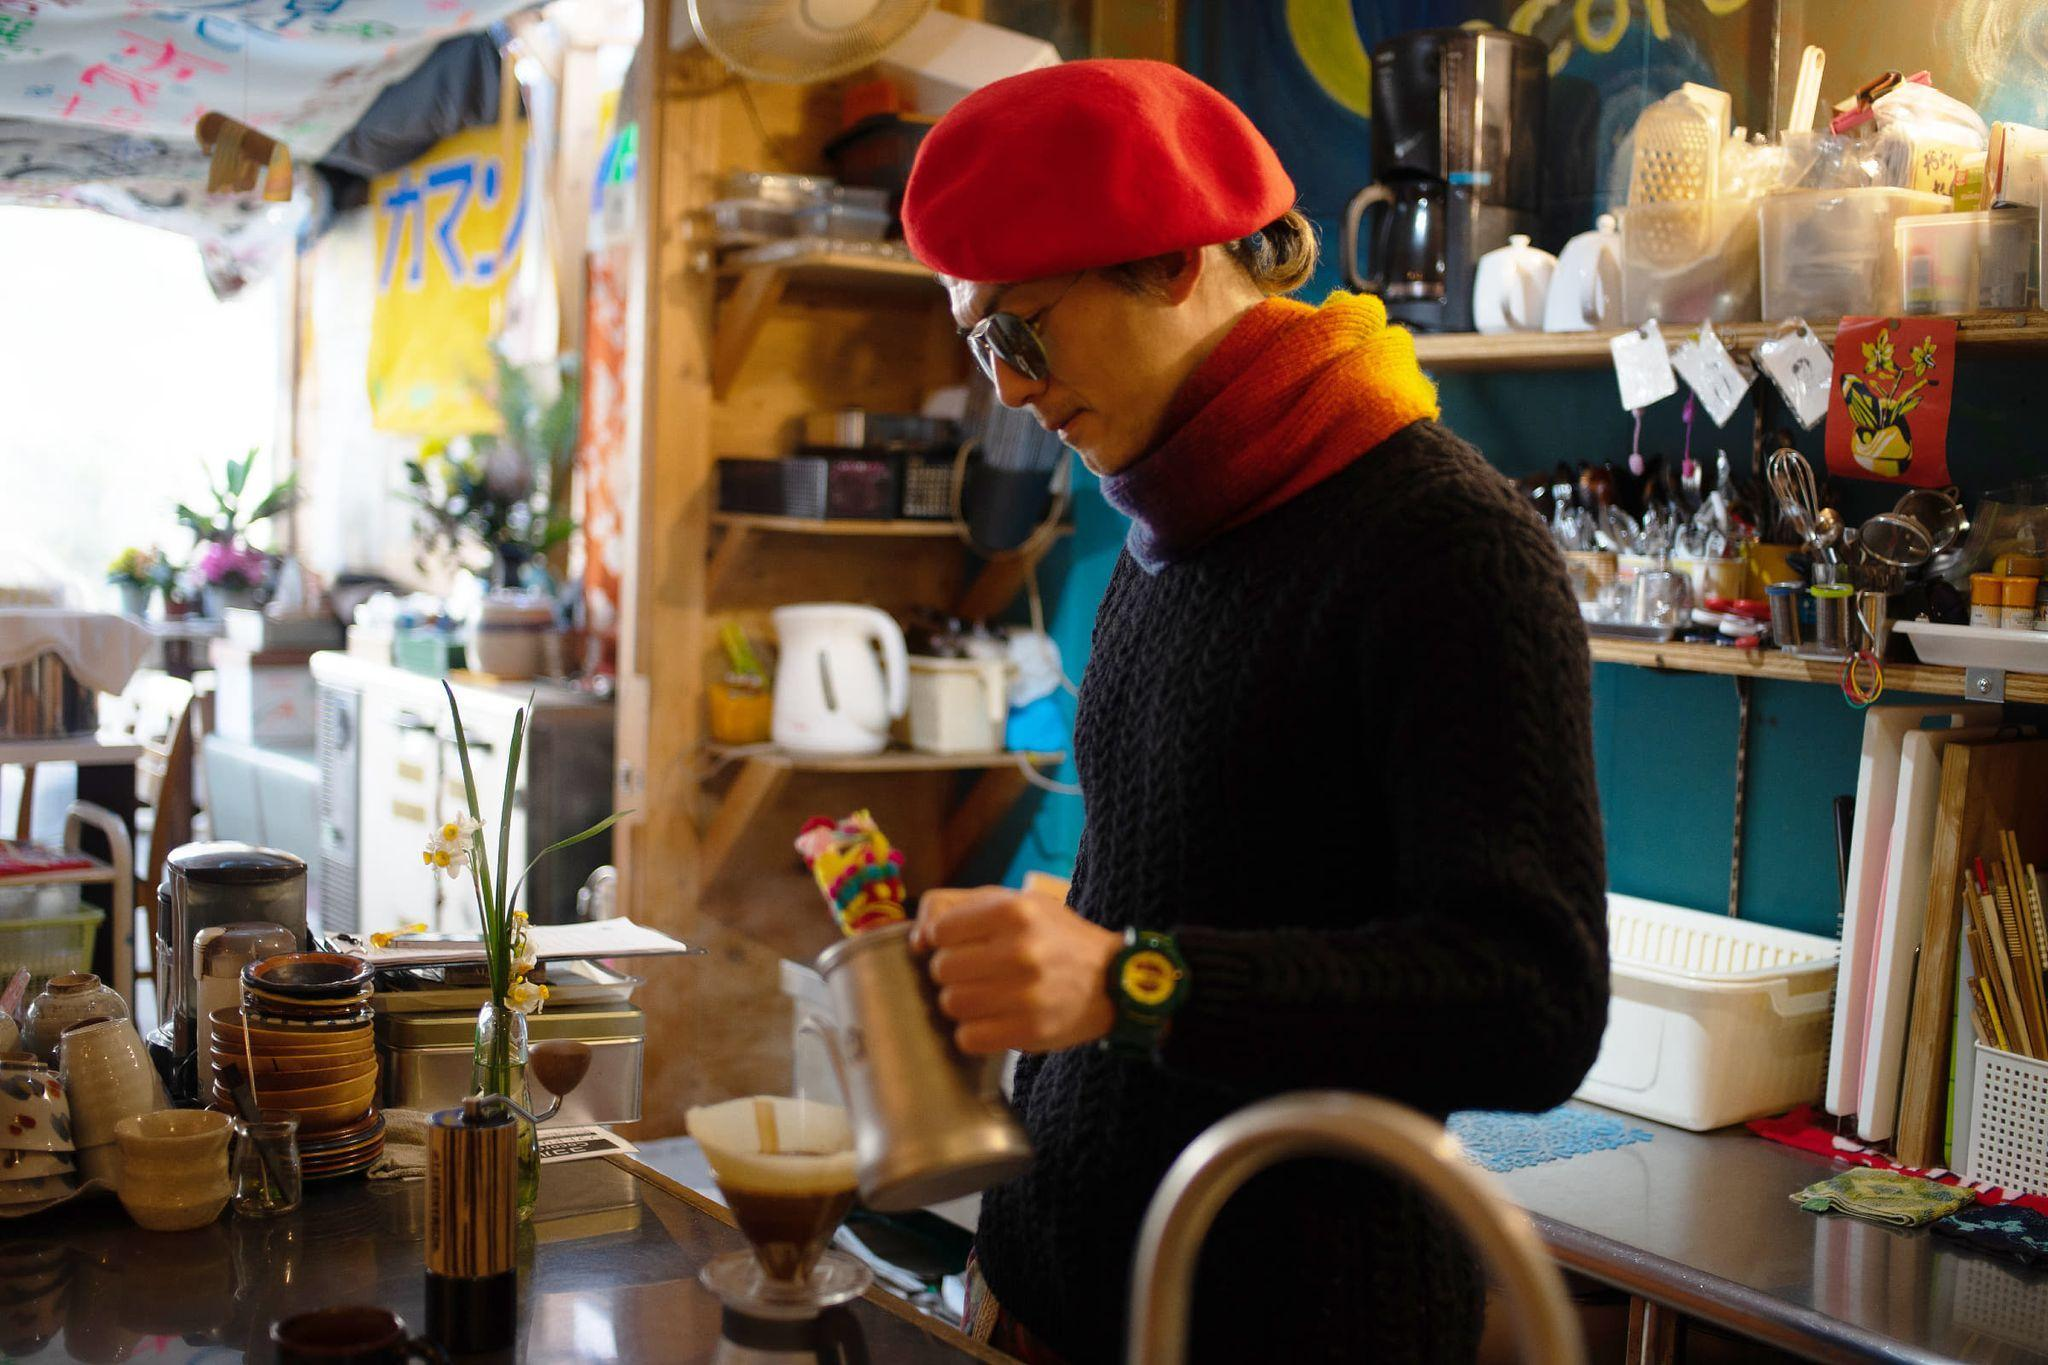 TURN LAND「お金をとらない喫茶展3 ~in my brain〜」_a0021670_12441117.jpg